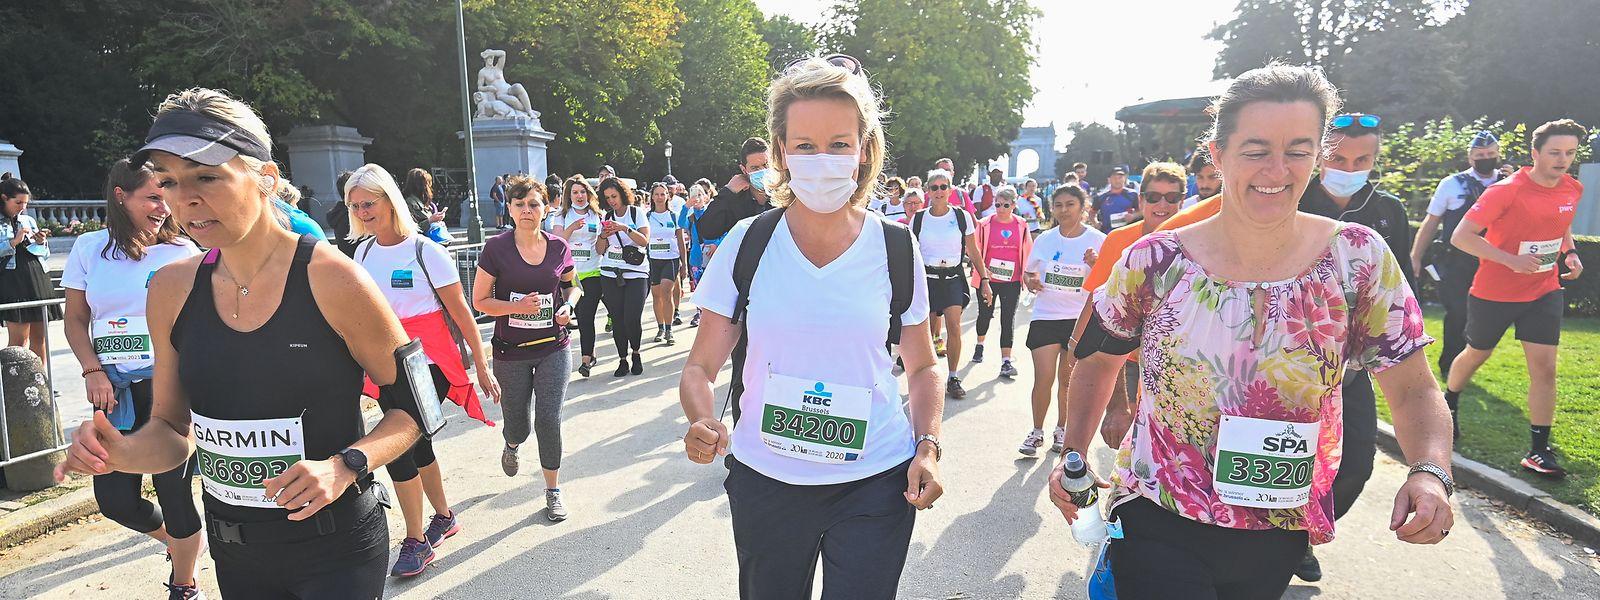 Dimanche, même pendant la course des 20 km de Bruxelles, la reine Mathilde de Belgique a préféré garder le masque.